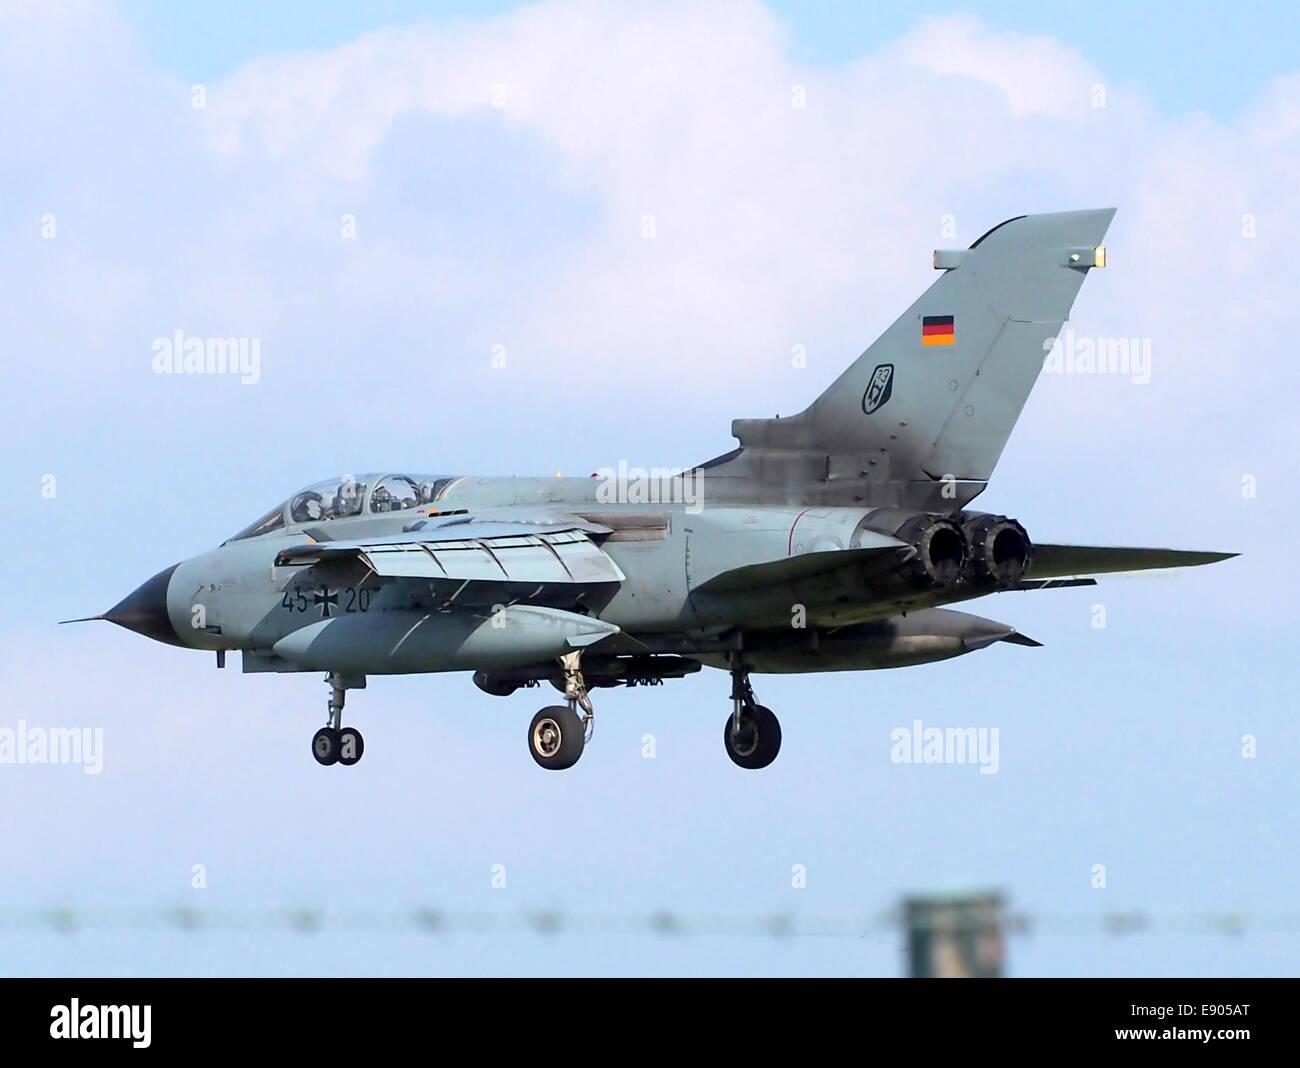 45 20 Panavia Tornado landing at Buchel Air Base, Germany, - Stock Image